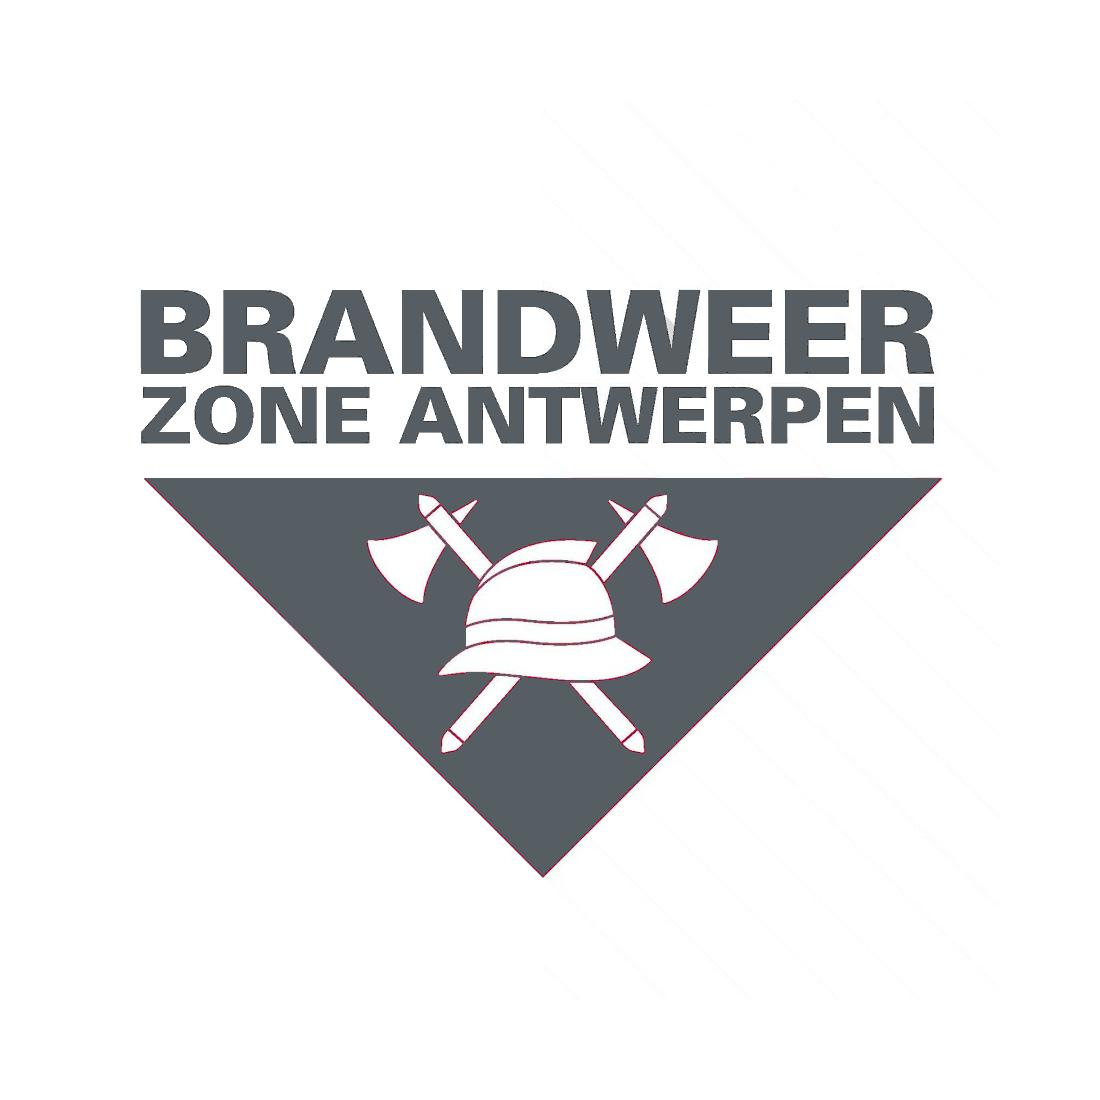 Brandweerzone Antwerpen